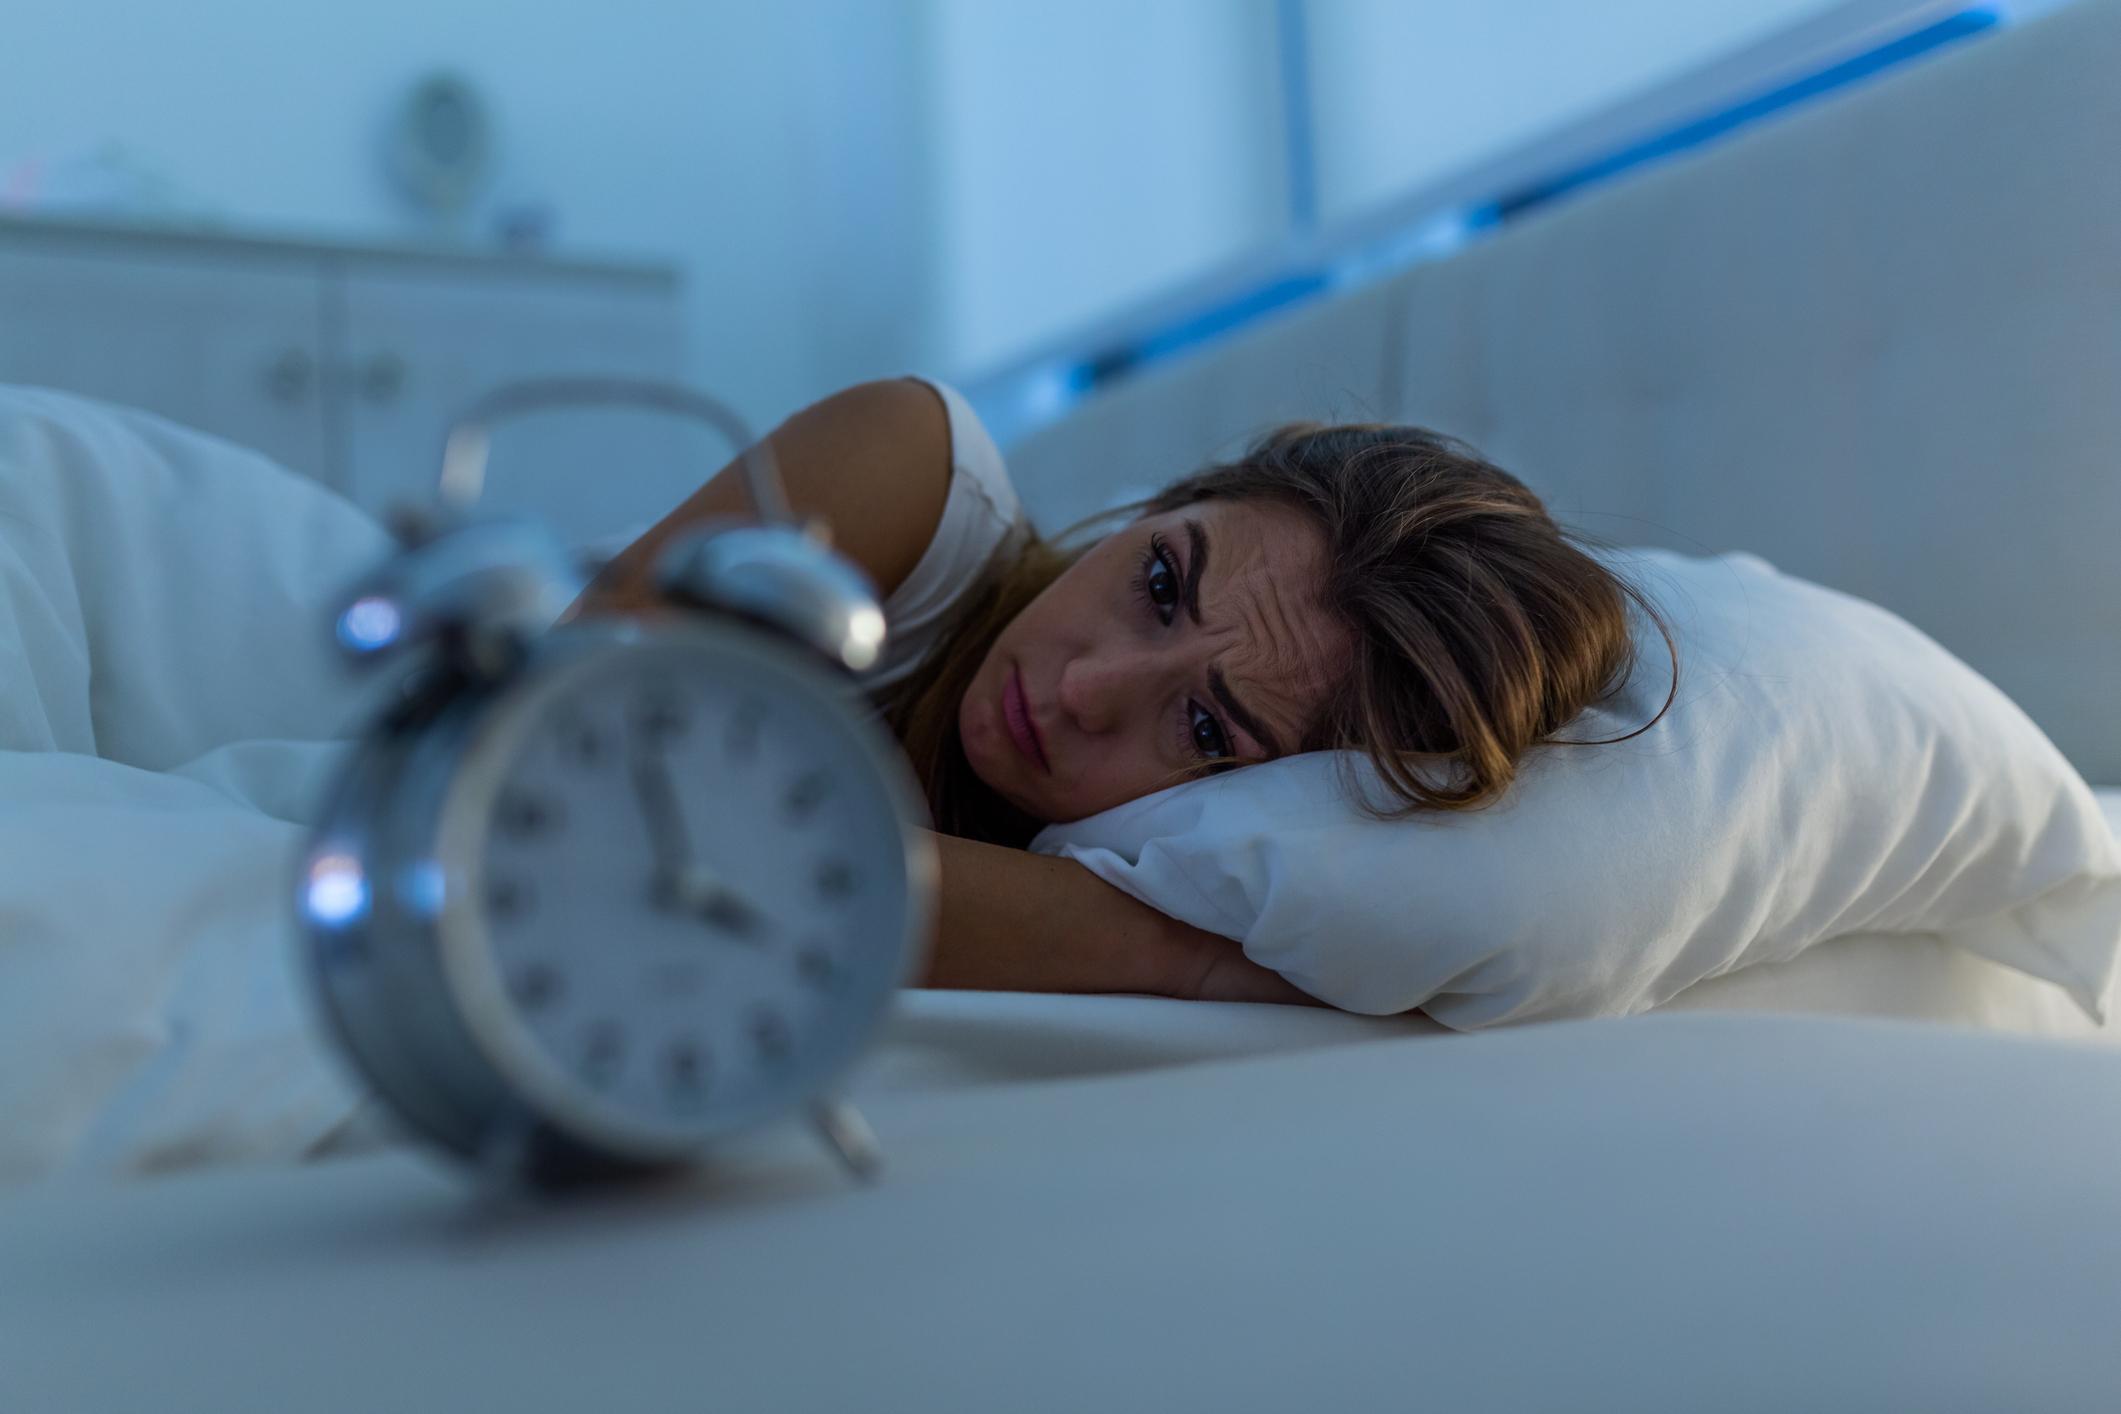 KOVID-19 uyku kaçırdı: Koronasomnia